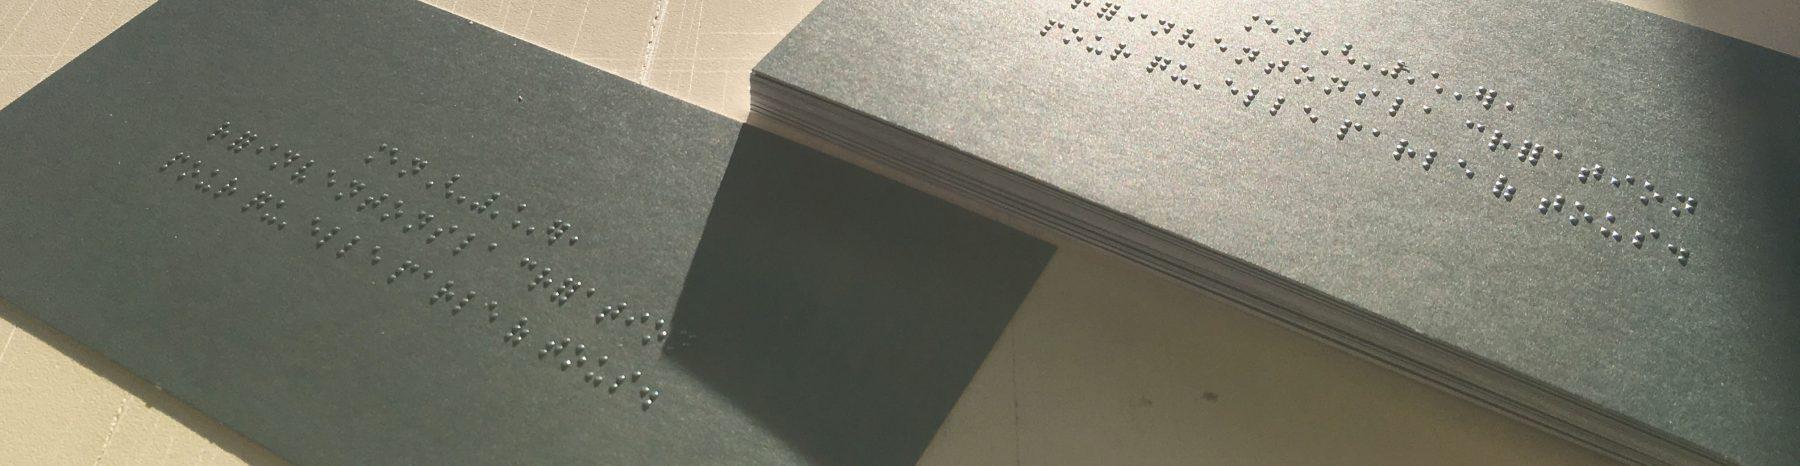 impression braille  carte de voeux